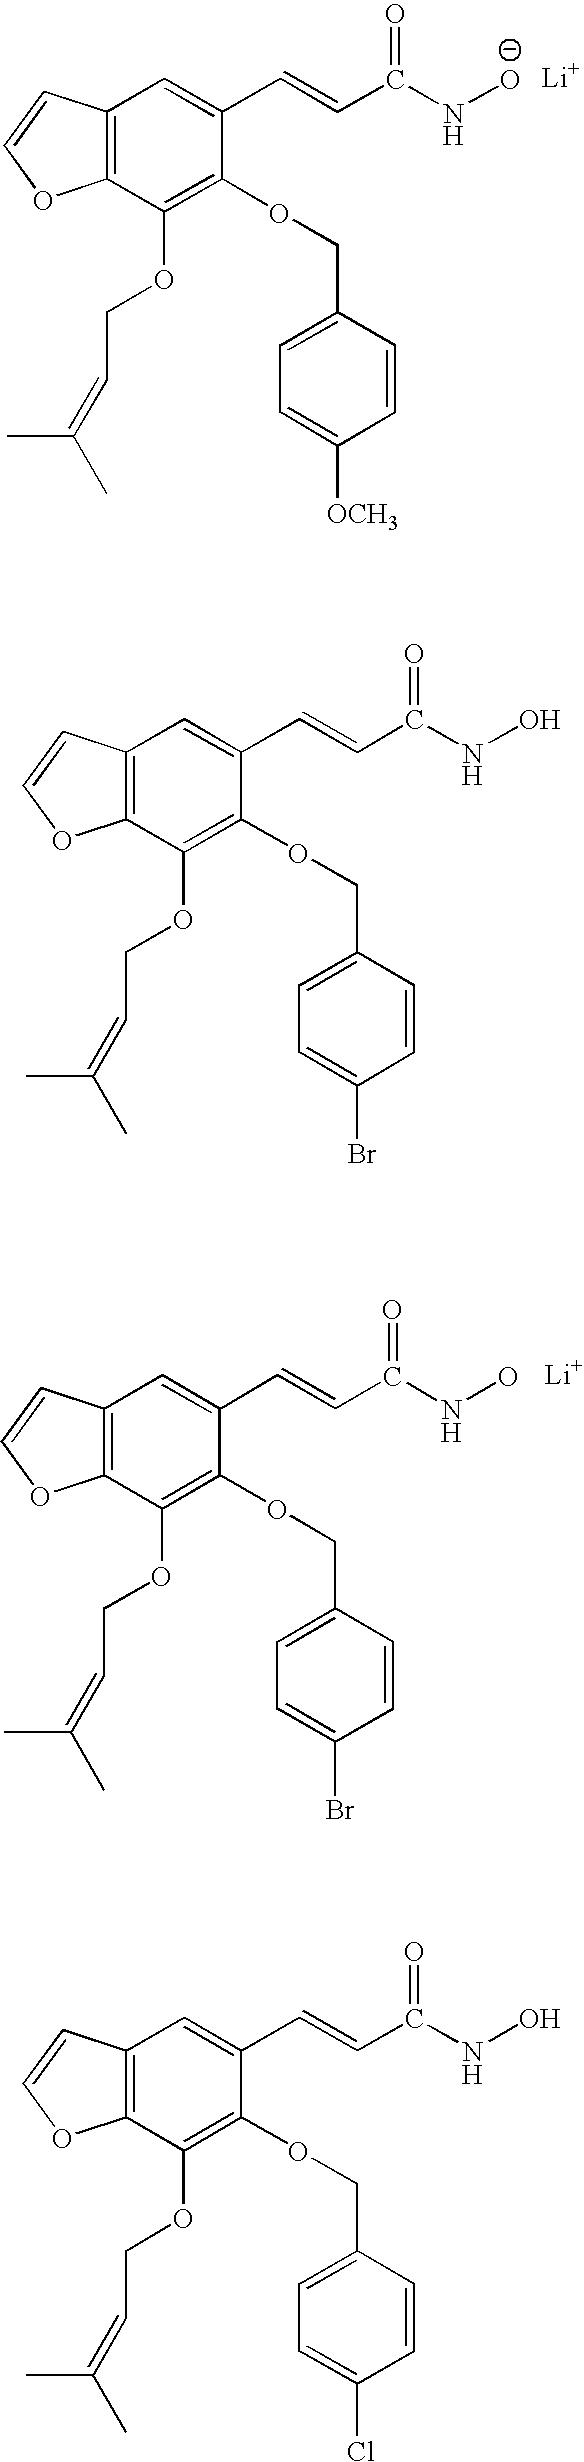 Figure US07994357-20110809-C00093